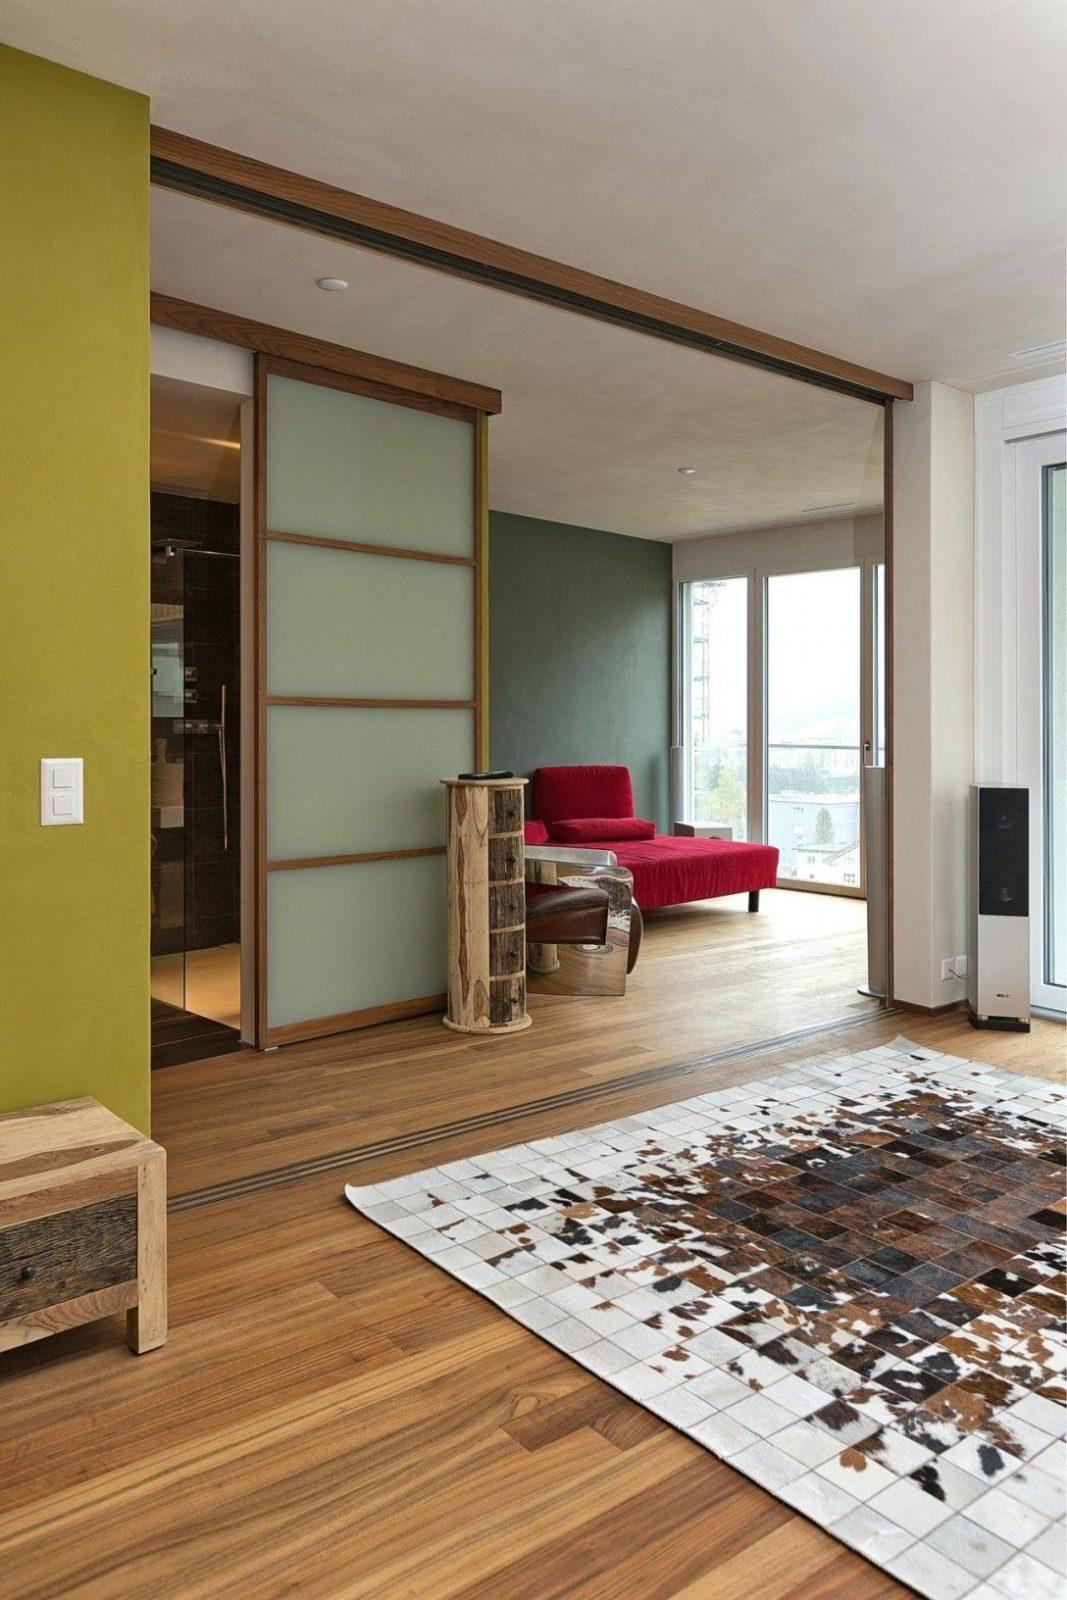 Raumteiler Wand Raumhoher Trennwand Komplett Geaffnet Mit Blick Auf von Trennwände Raumteiler Selber Bauen Bild